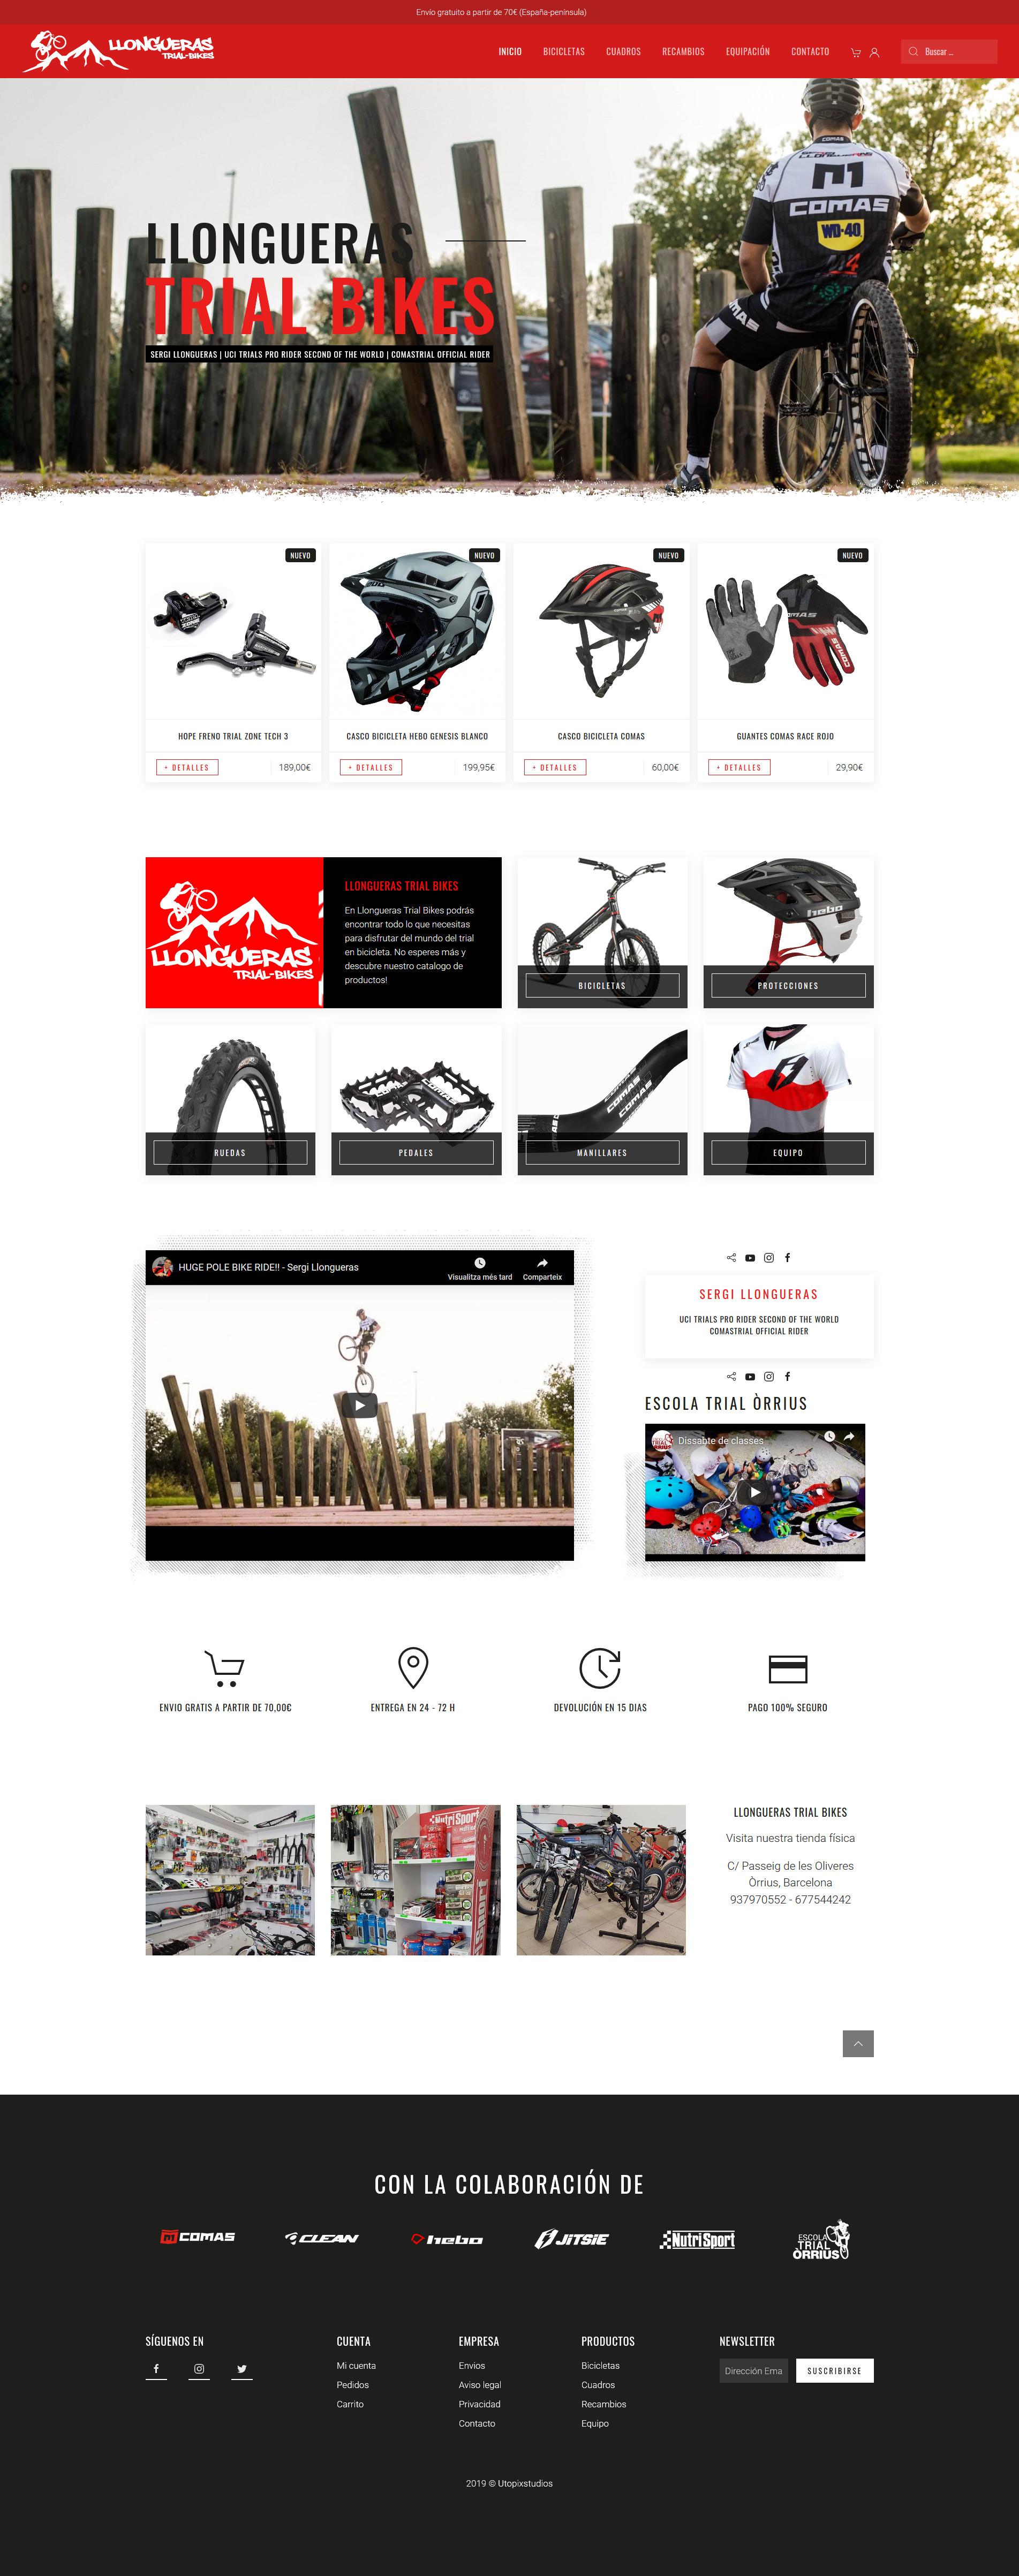 captura de pantalla de Llongueras Trial Bikes